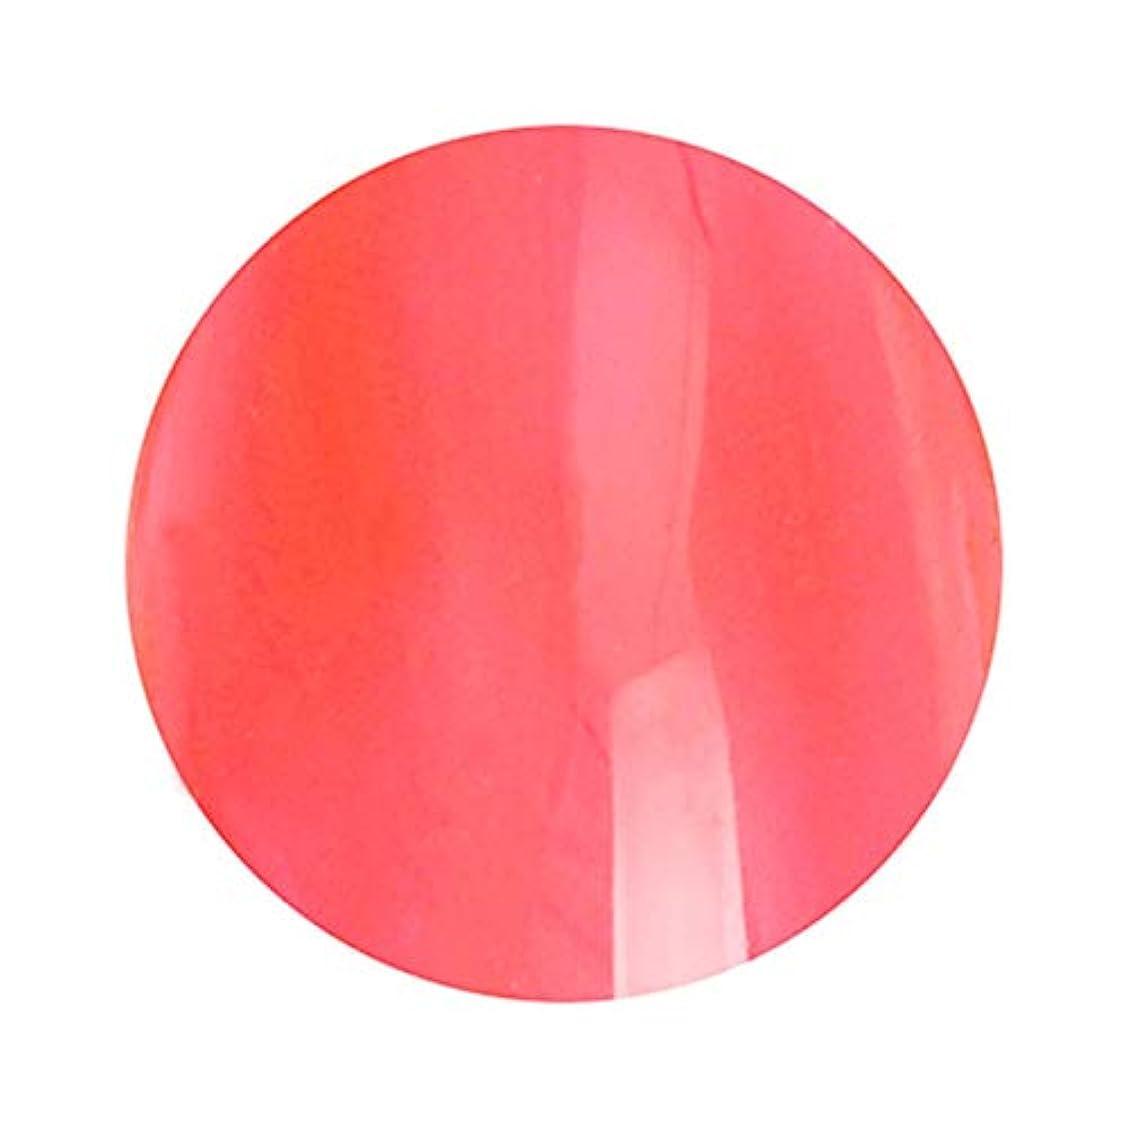 シンジケートエンディングご覧くださいT-GEL COLLECTION ティージェルコレクション カラージェル D237 クリアレッド 4ml